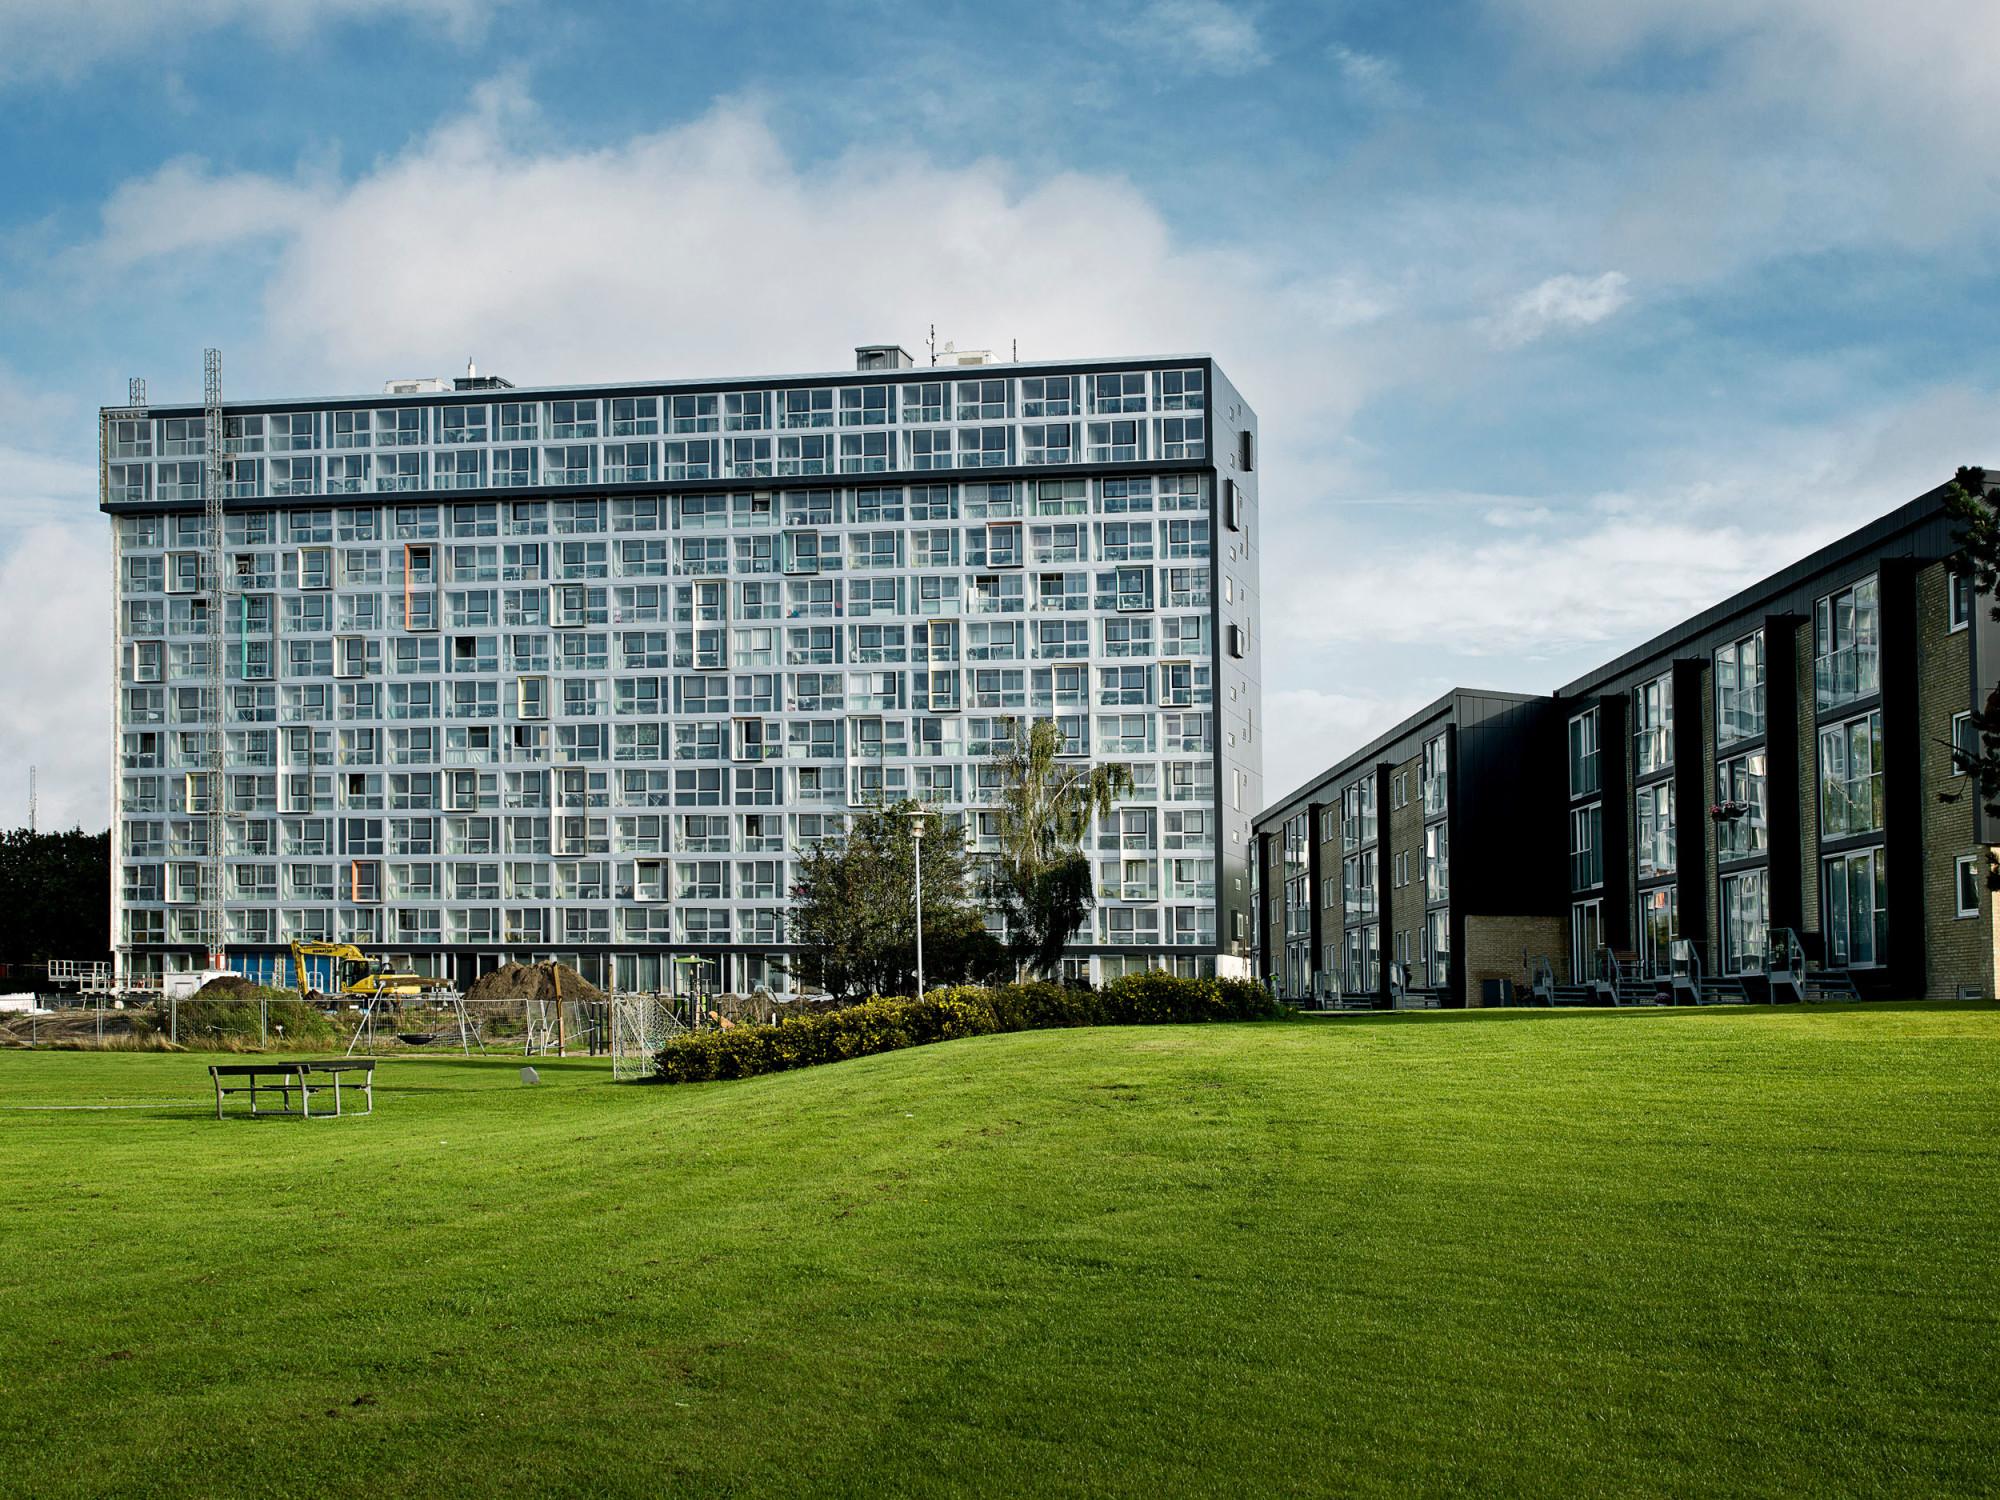 Wohnhochaus Magisterparken In Aaalborg Fassade Wohnen